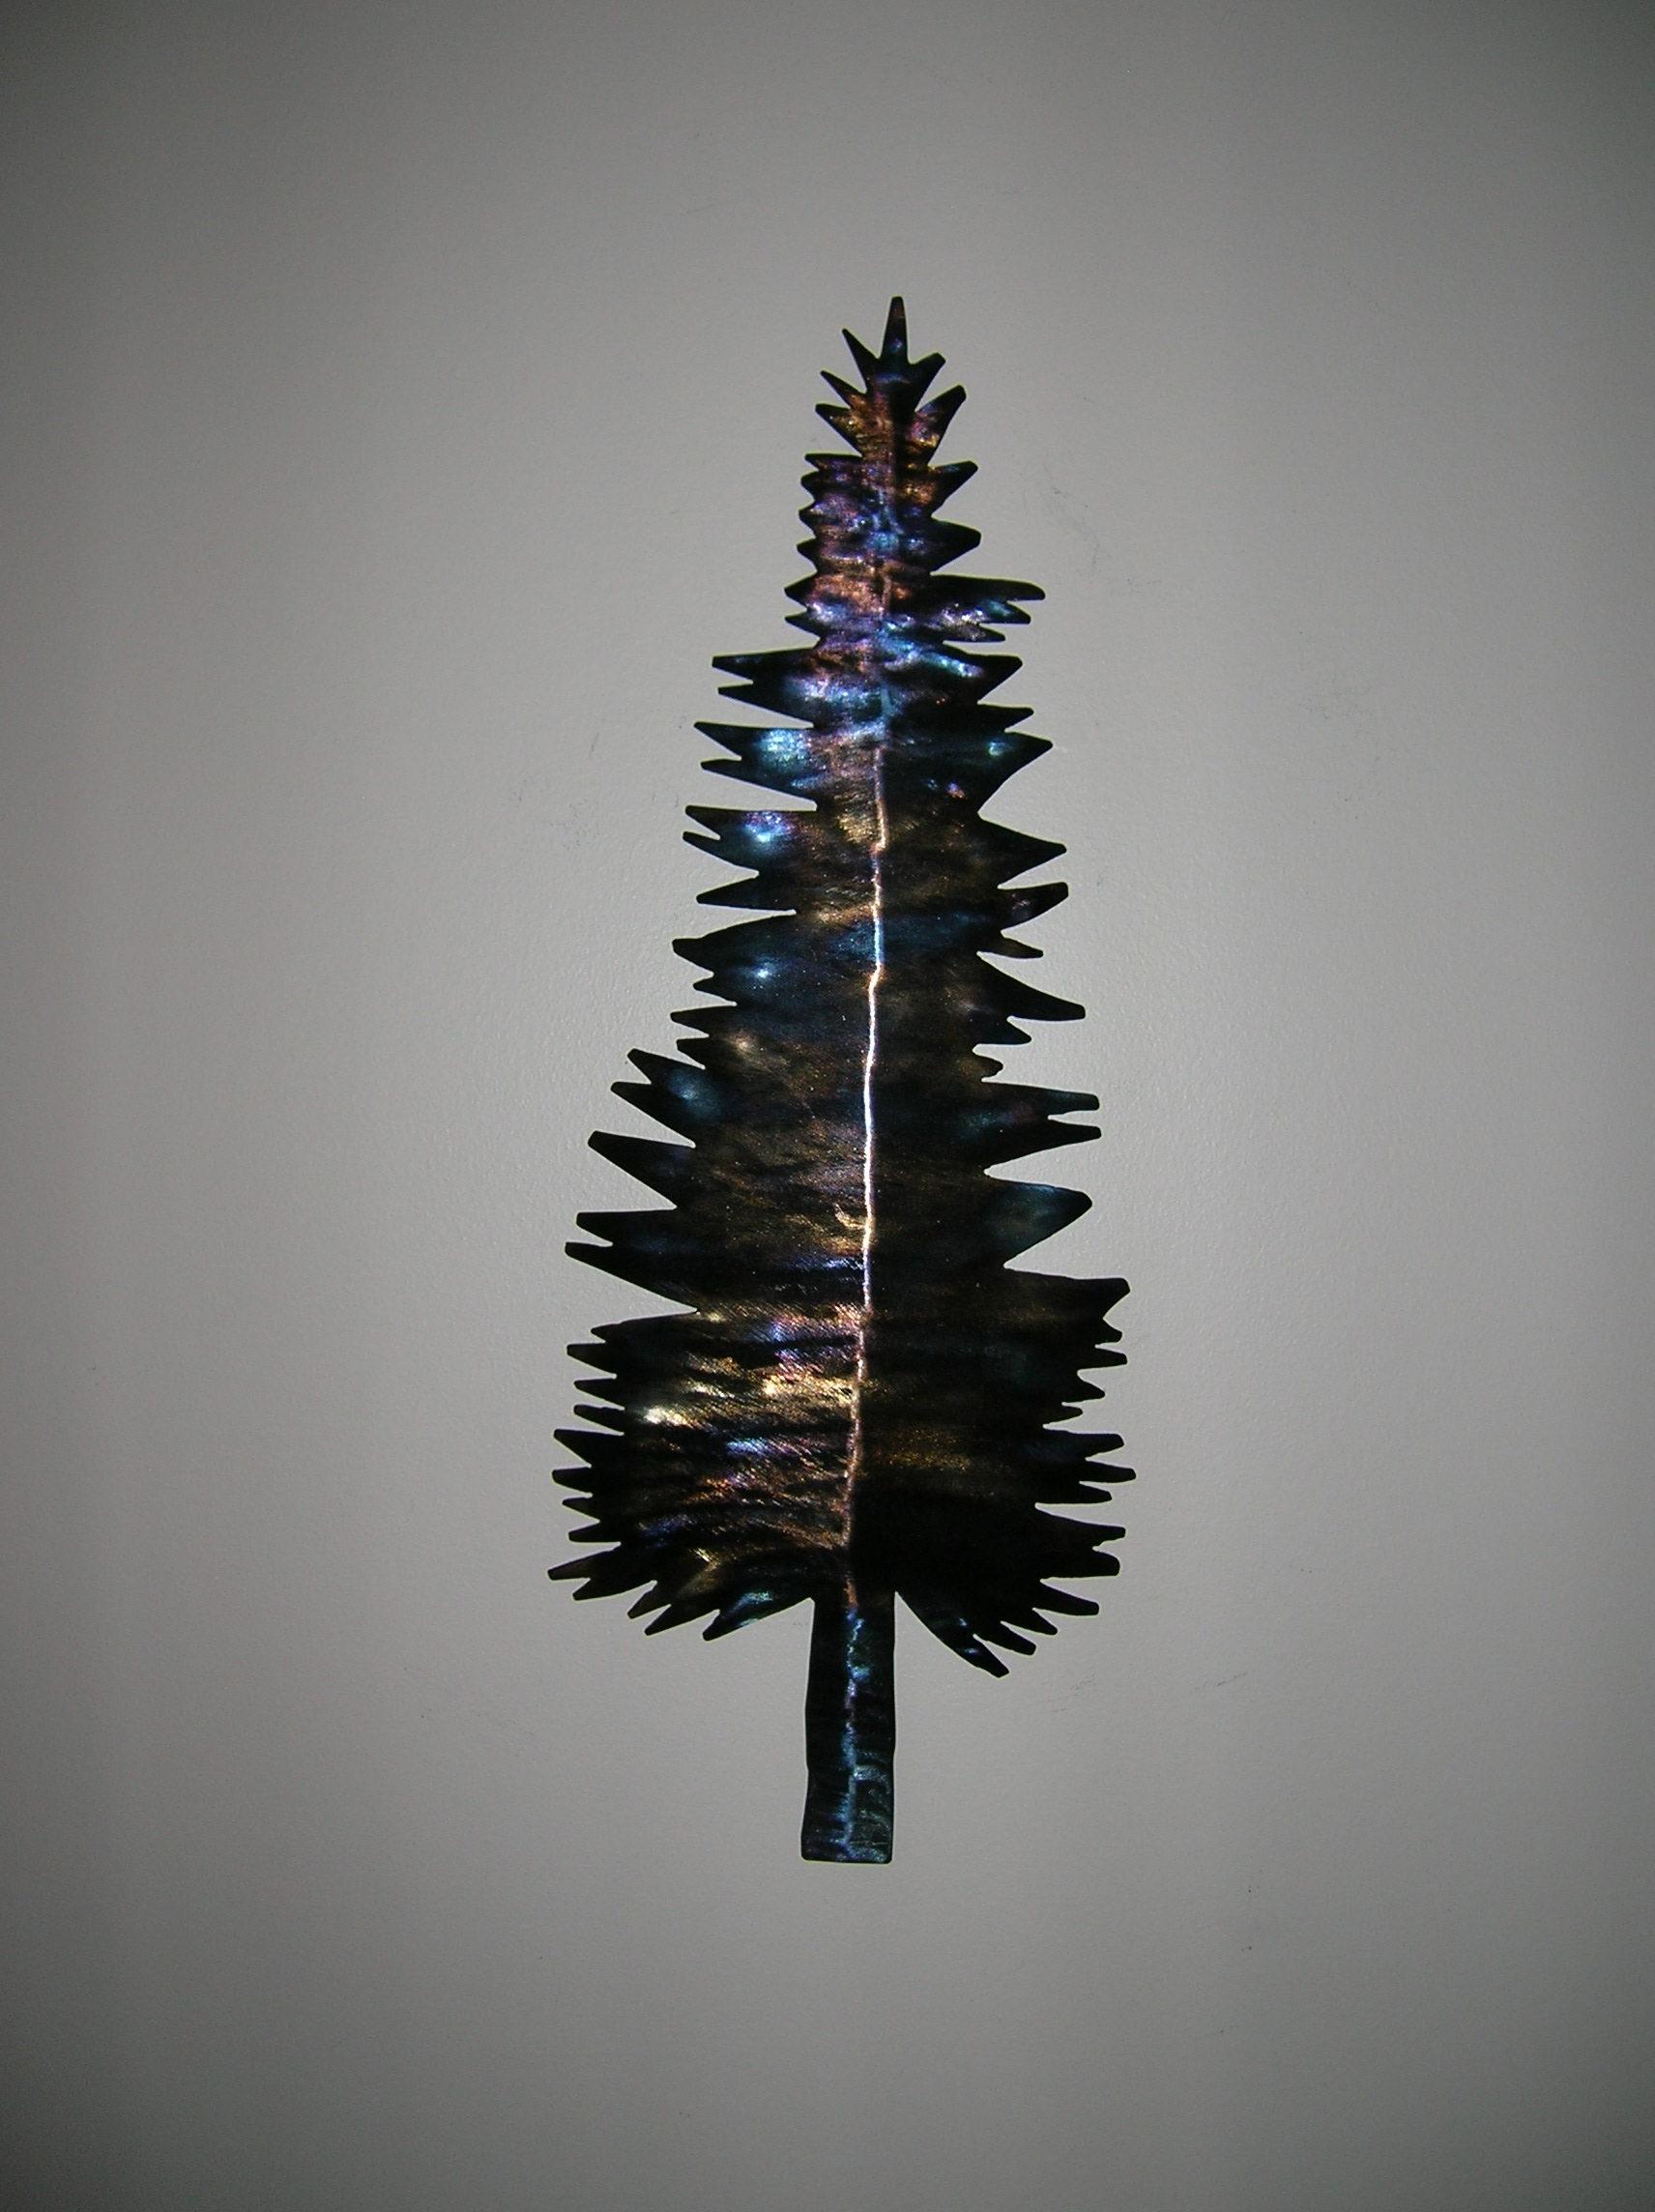 Douglas fir by Al Matchett